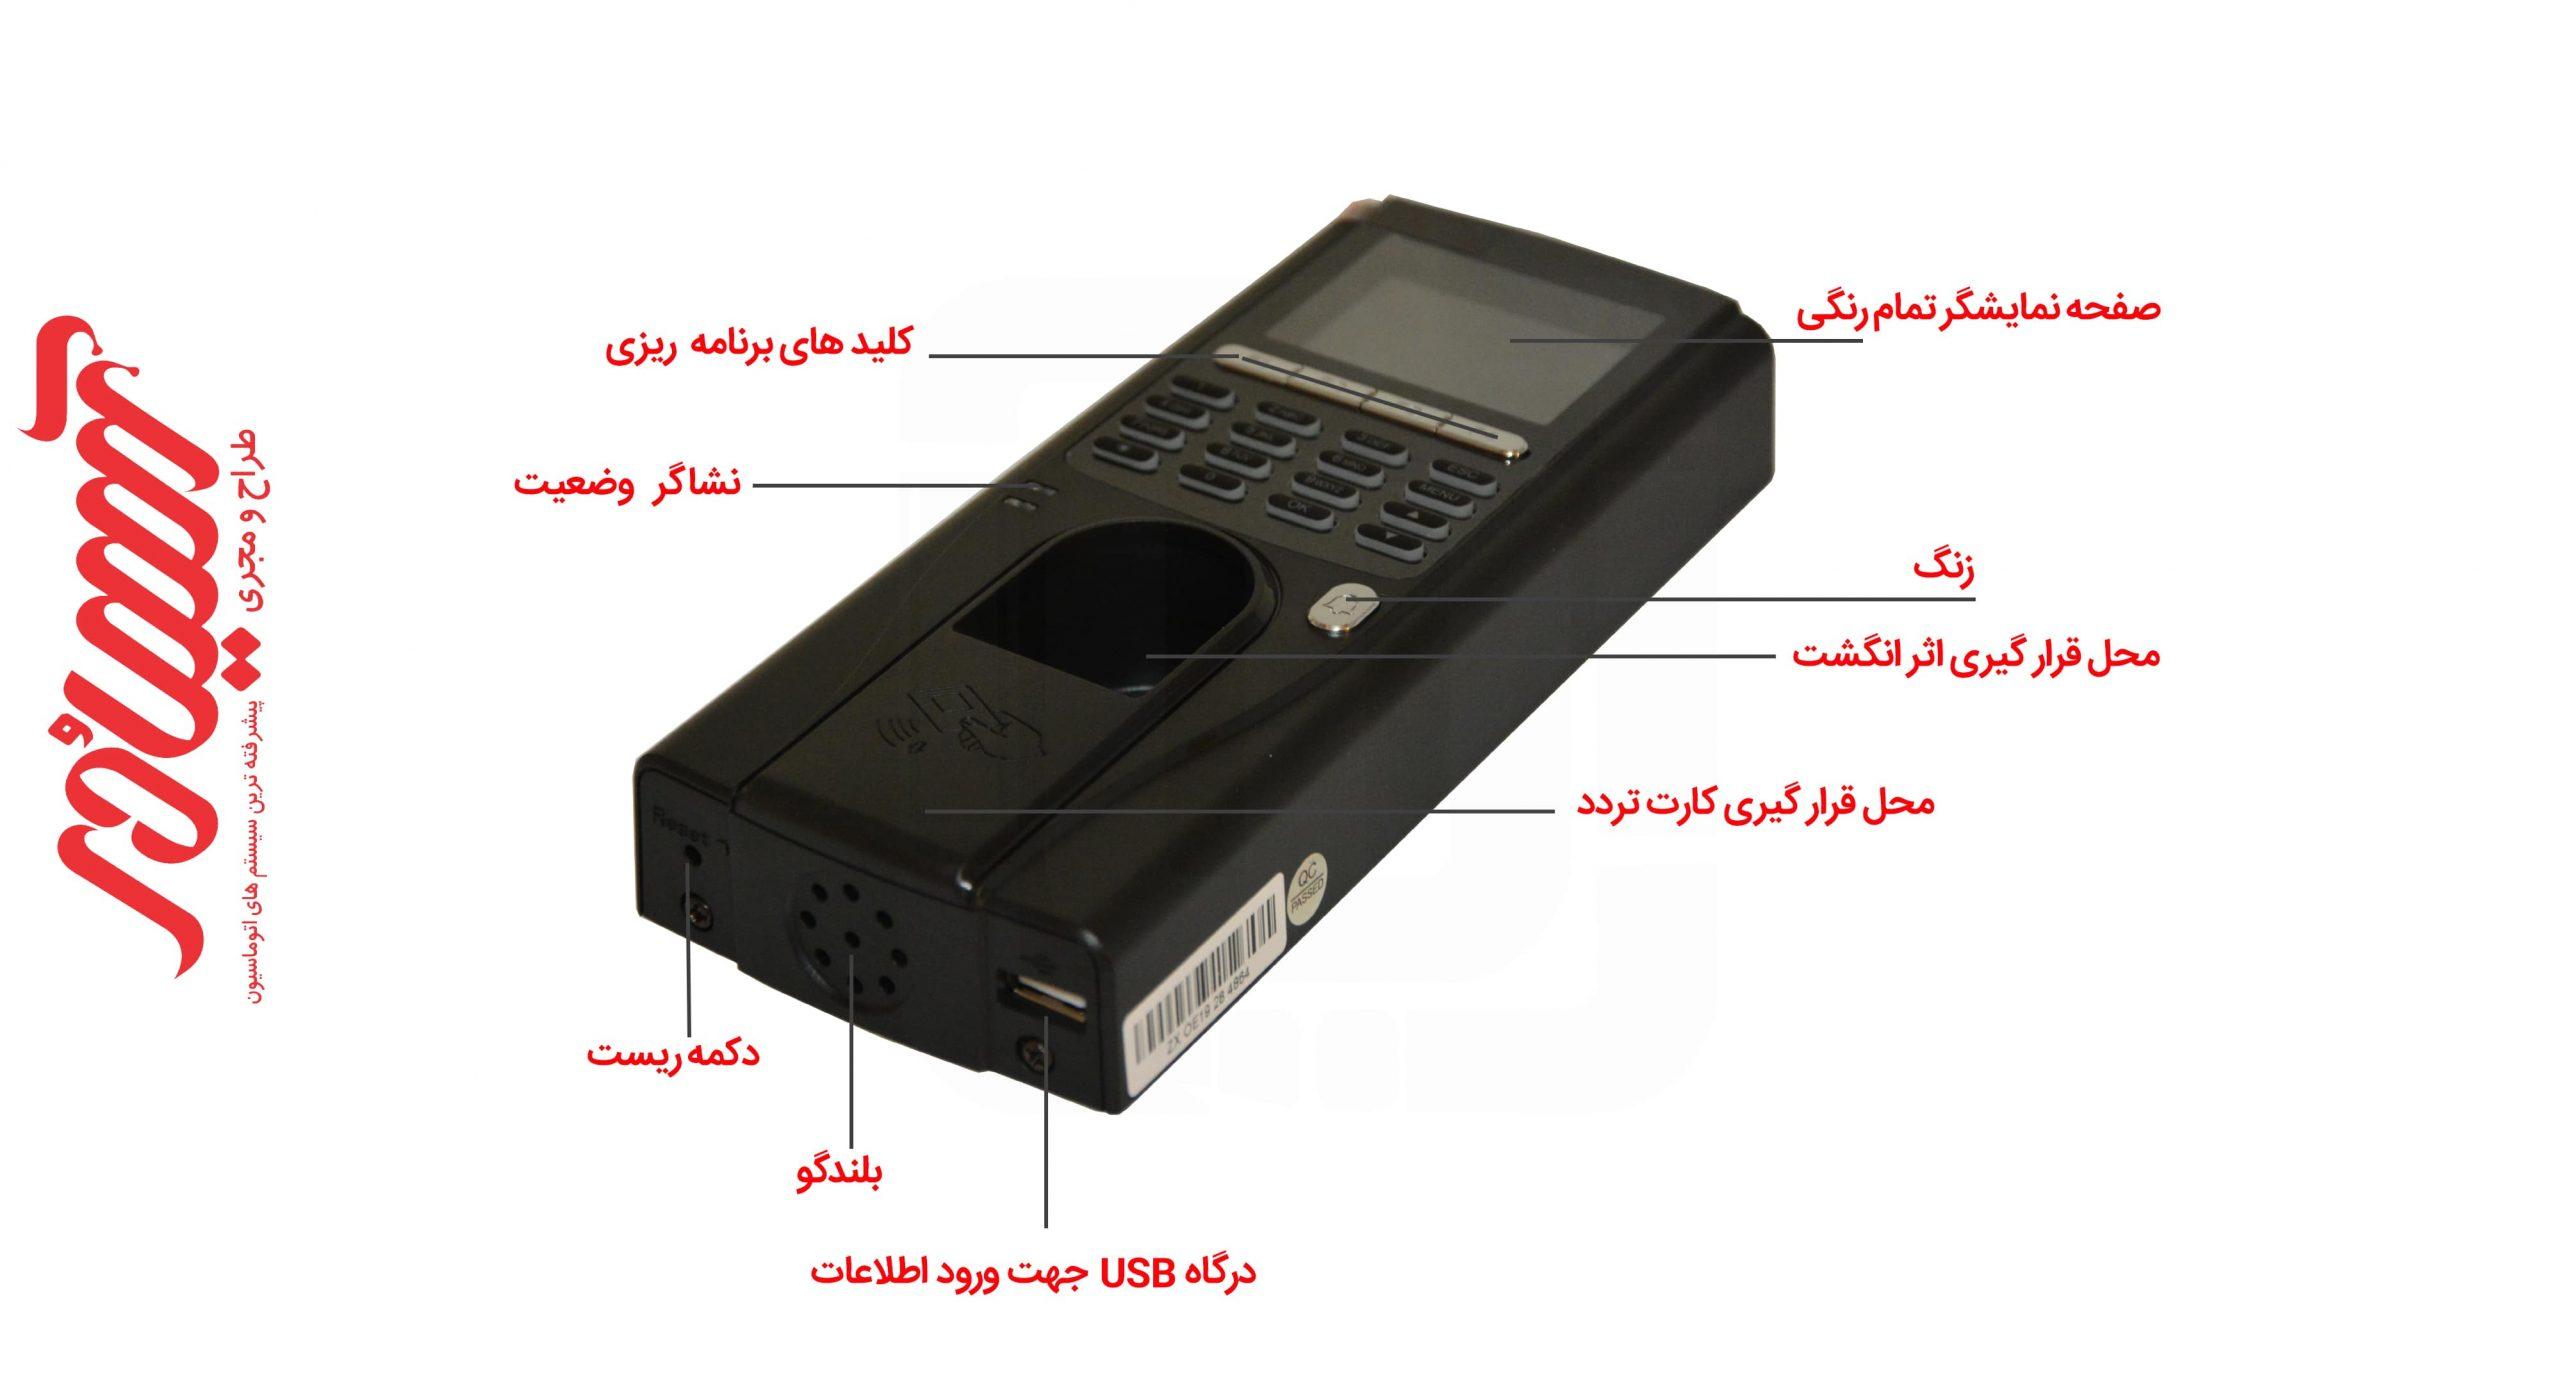 اکسس کنترل اچ ام تی FS30